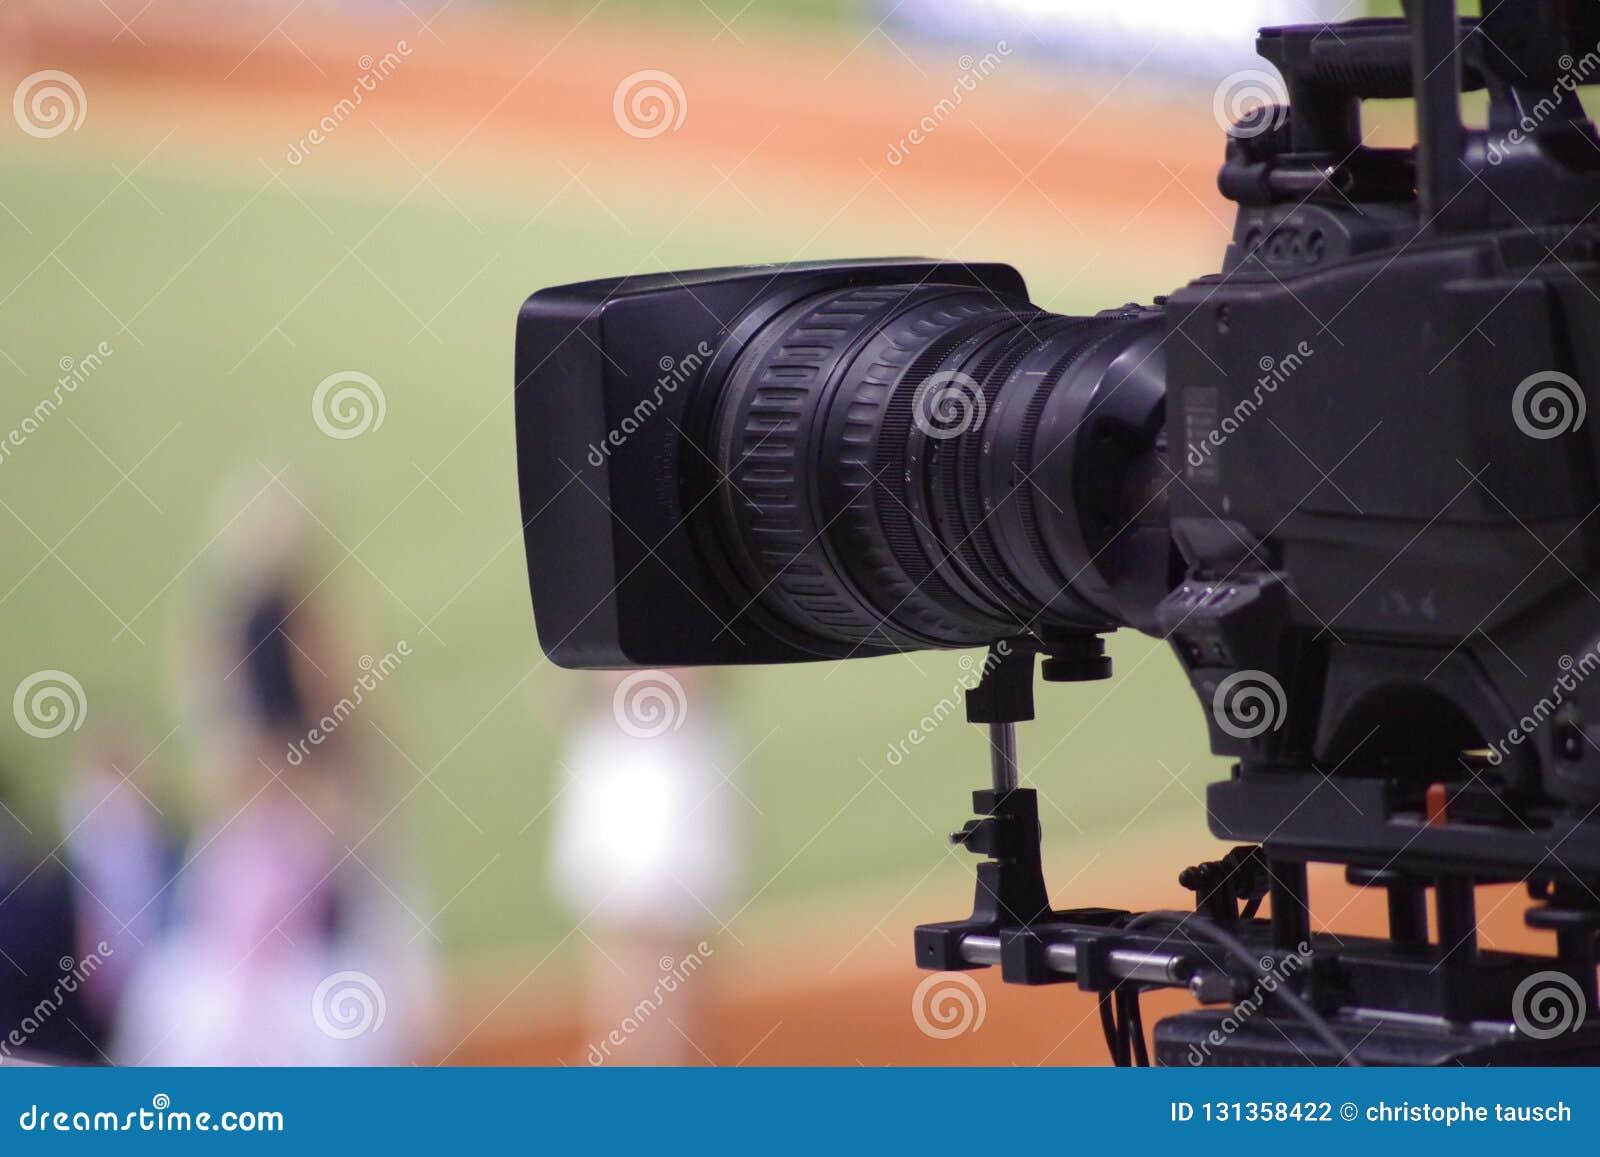 Immagine del primo piano di una cinepresa di televisione con un fondo confuso